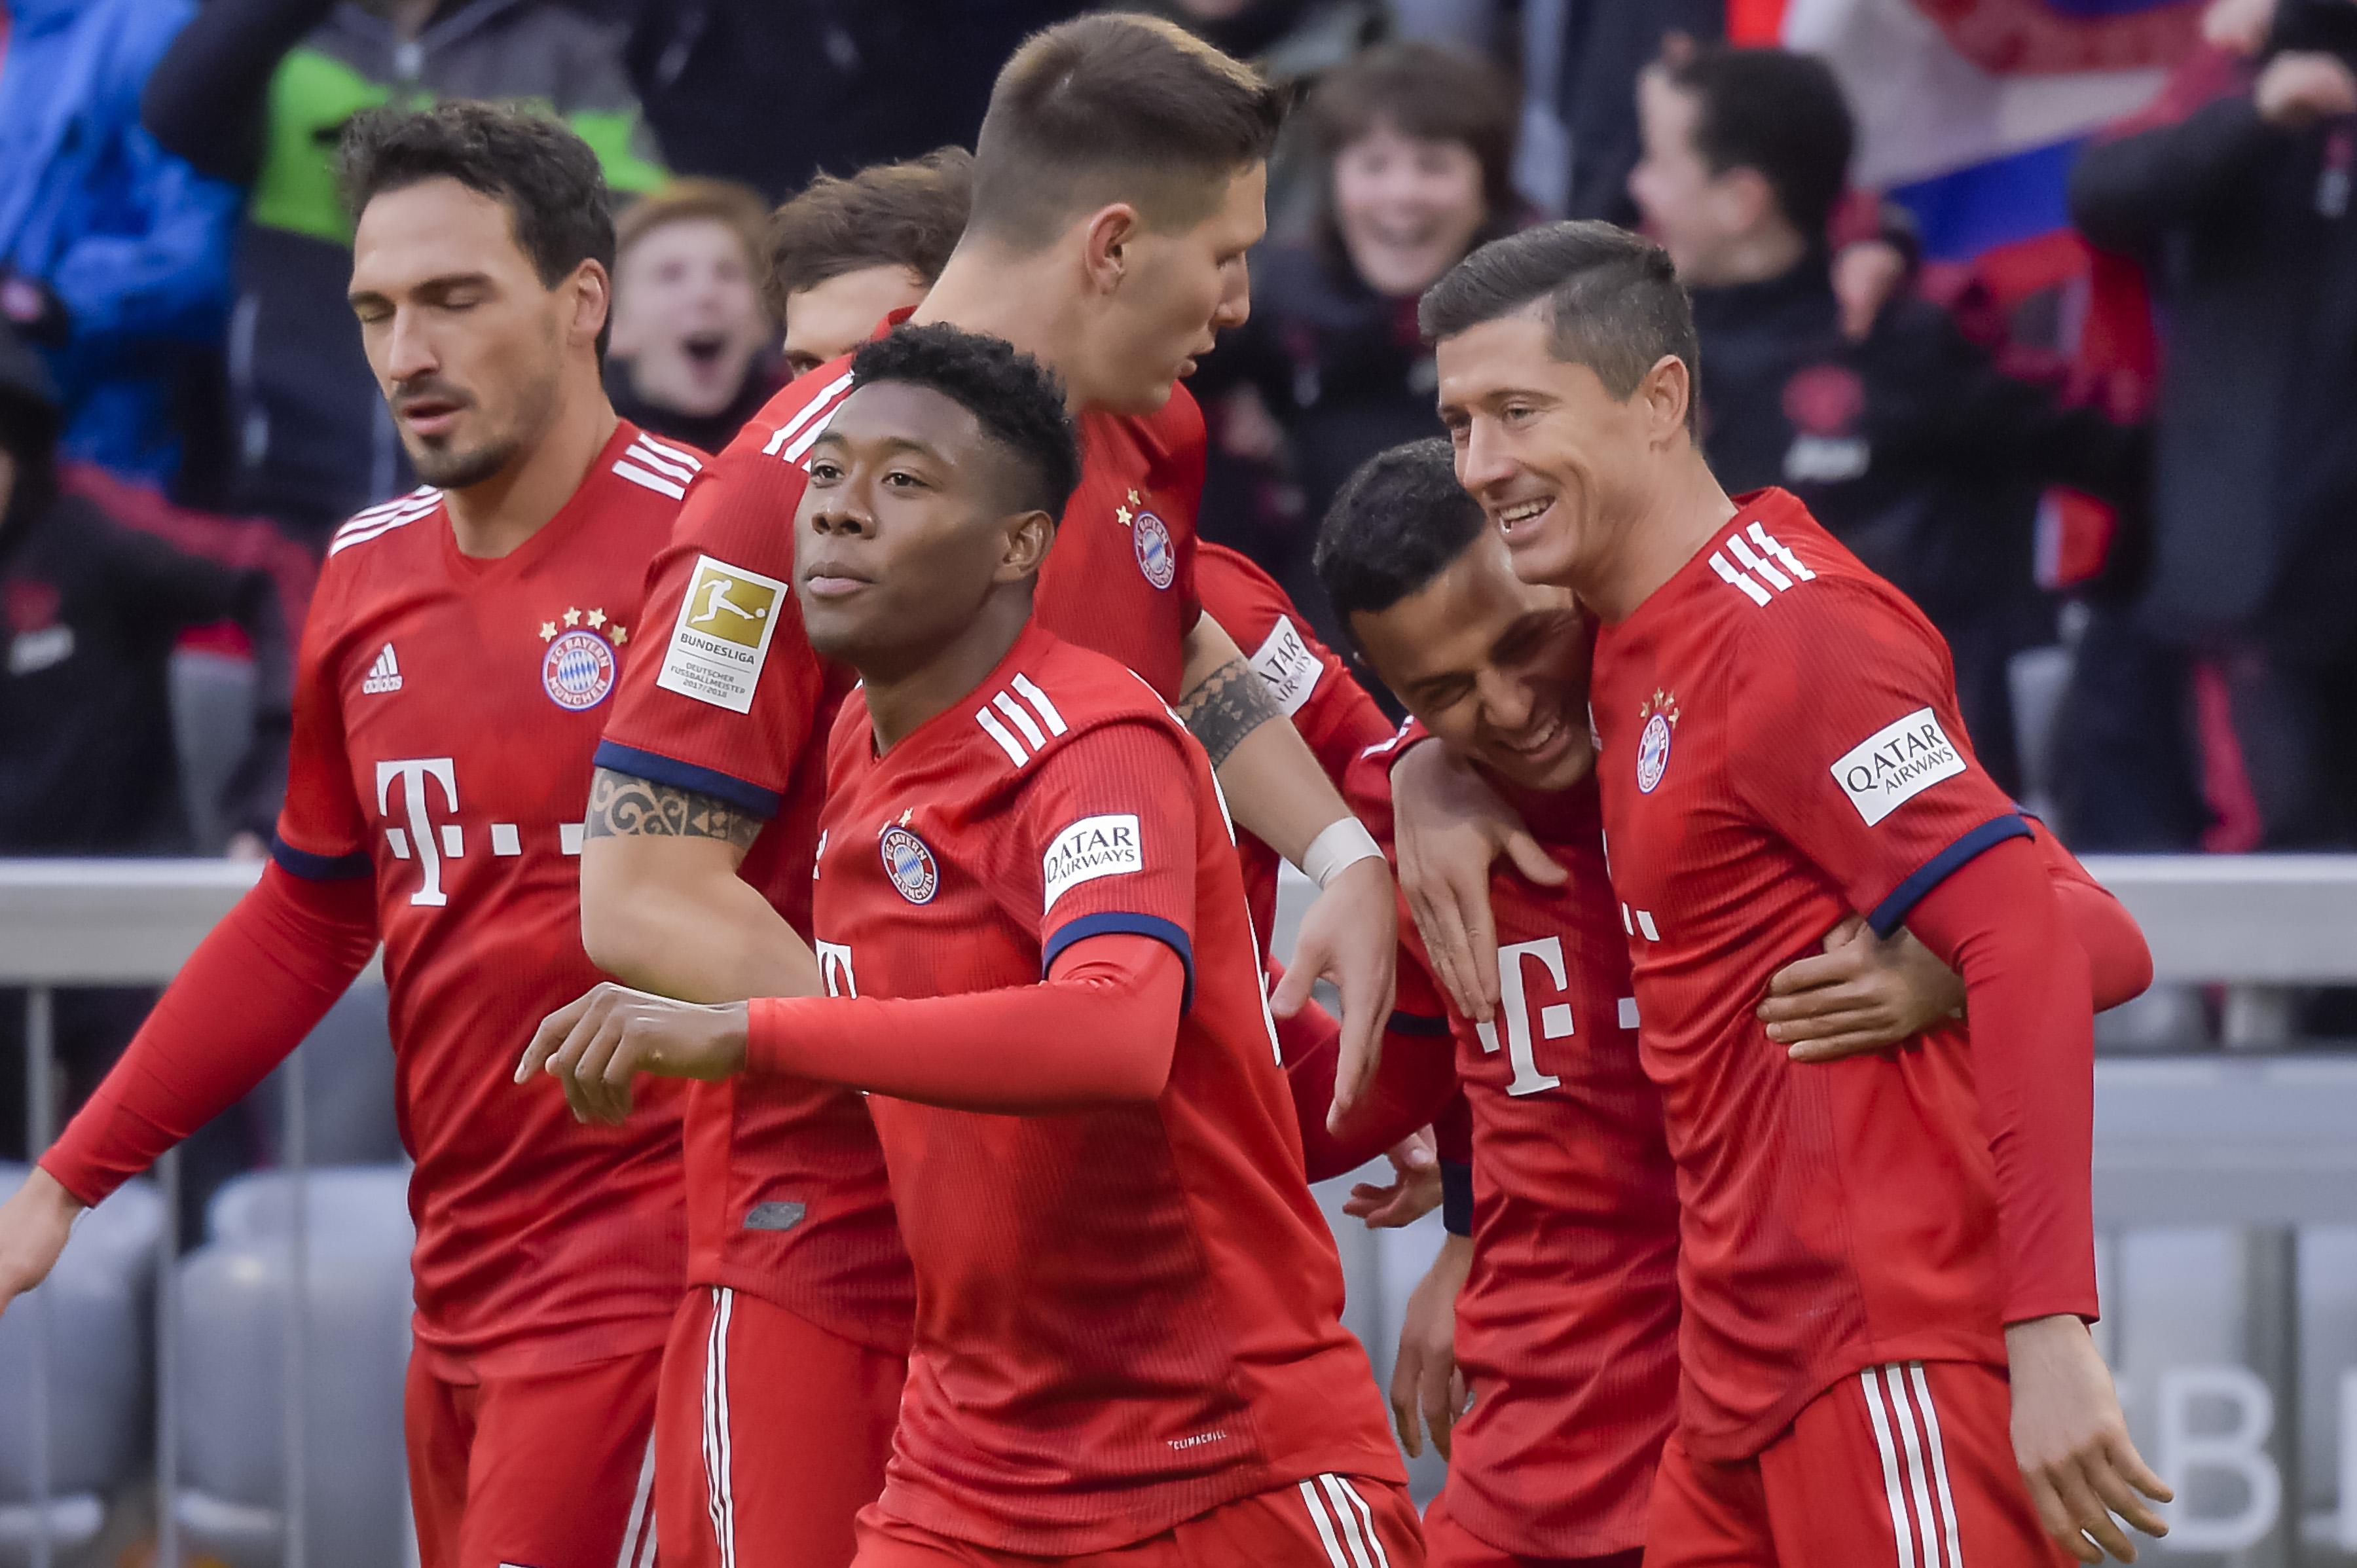 Los jugadores del Bayern Múnich tuvieron un gran partido. (Foto Prensa Libre: AFP)